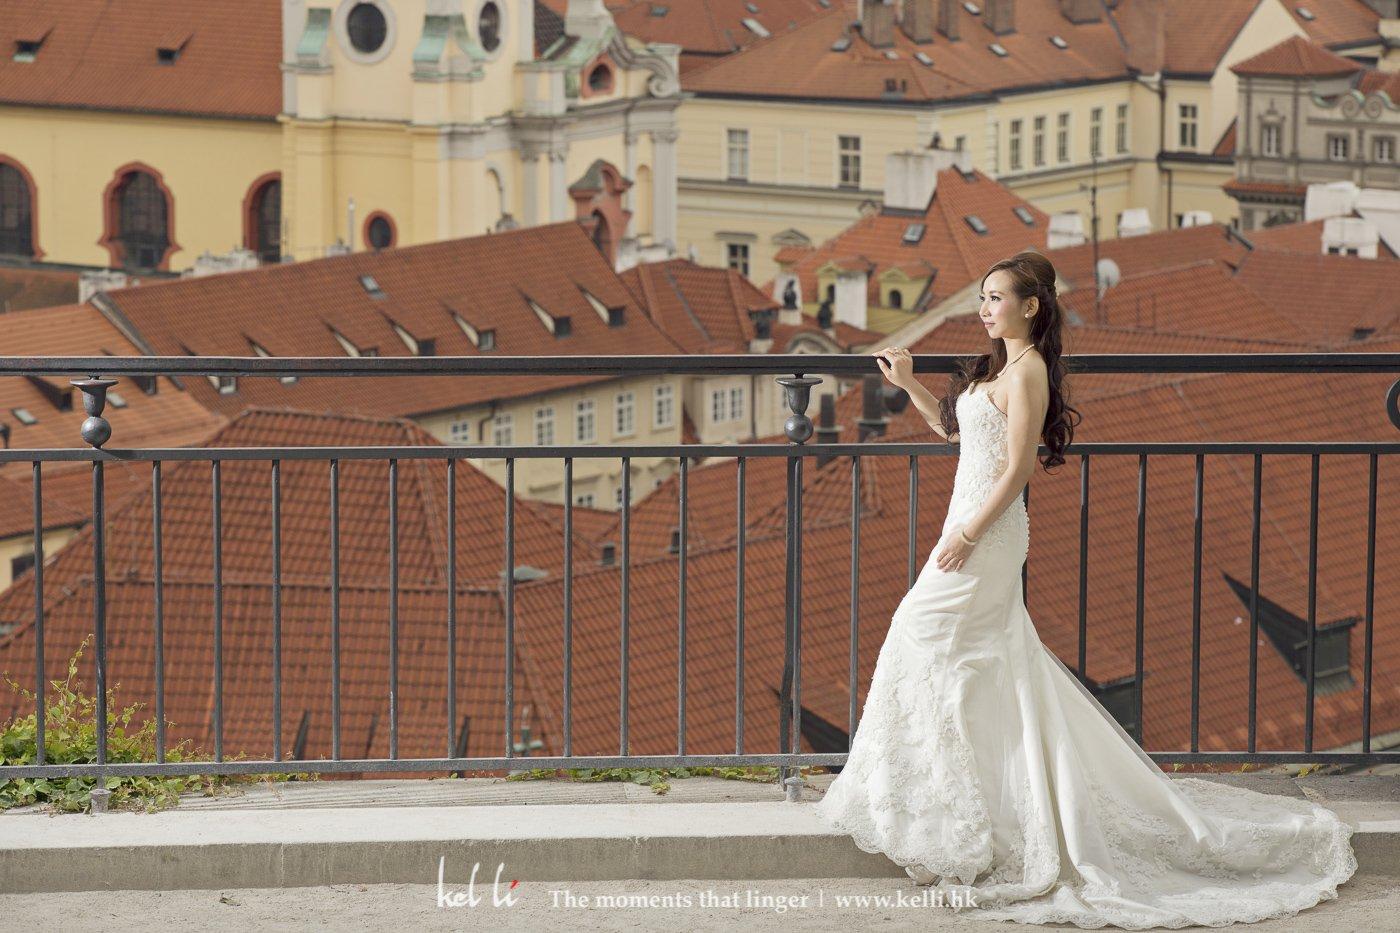 紅磚屋頂是布拉格的一大特色